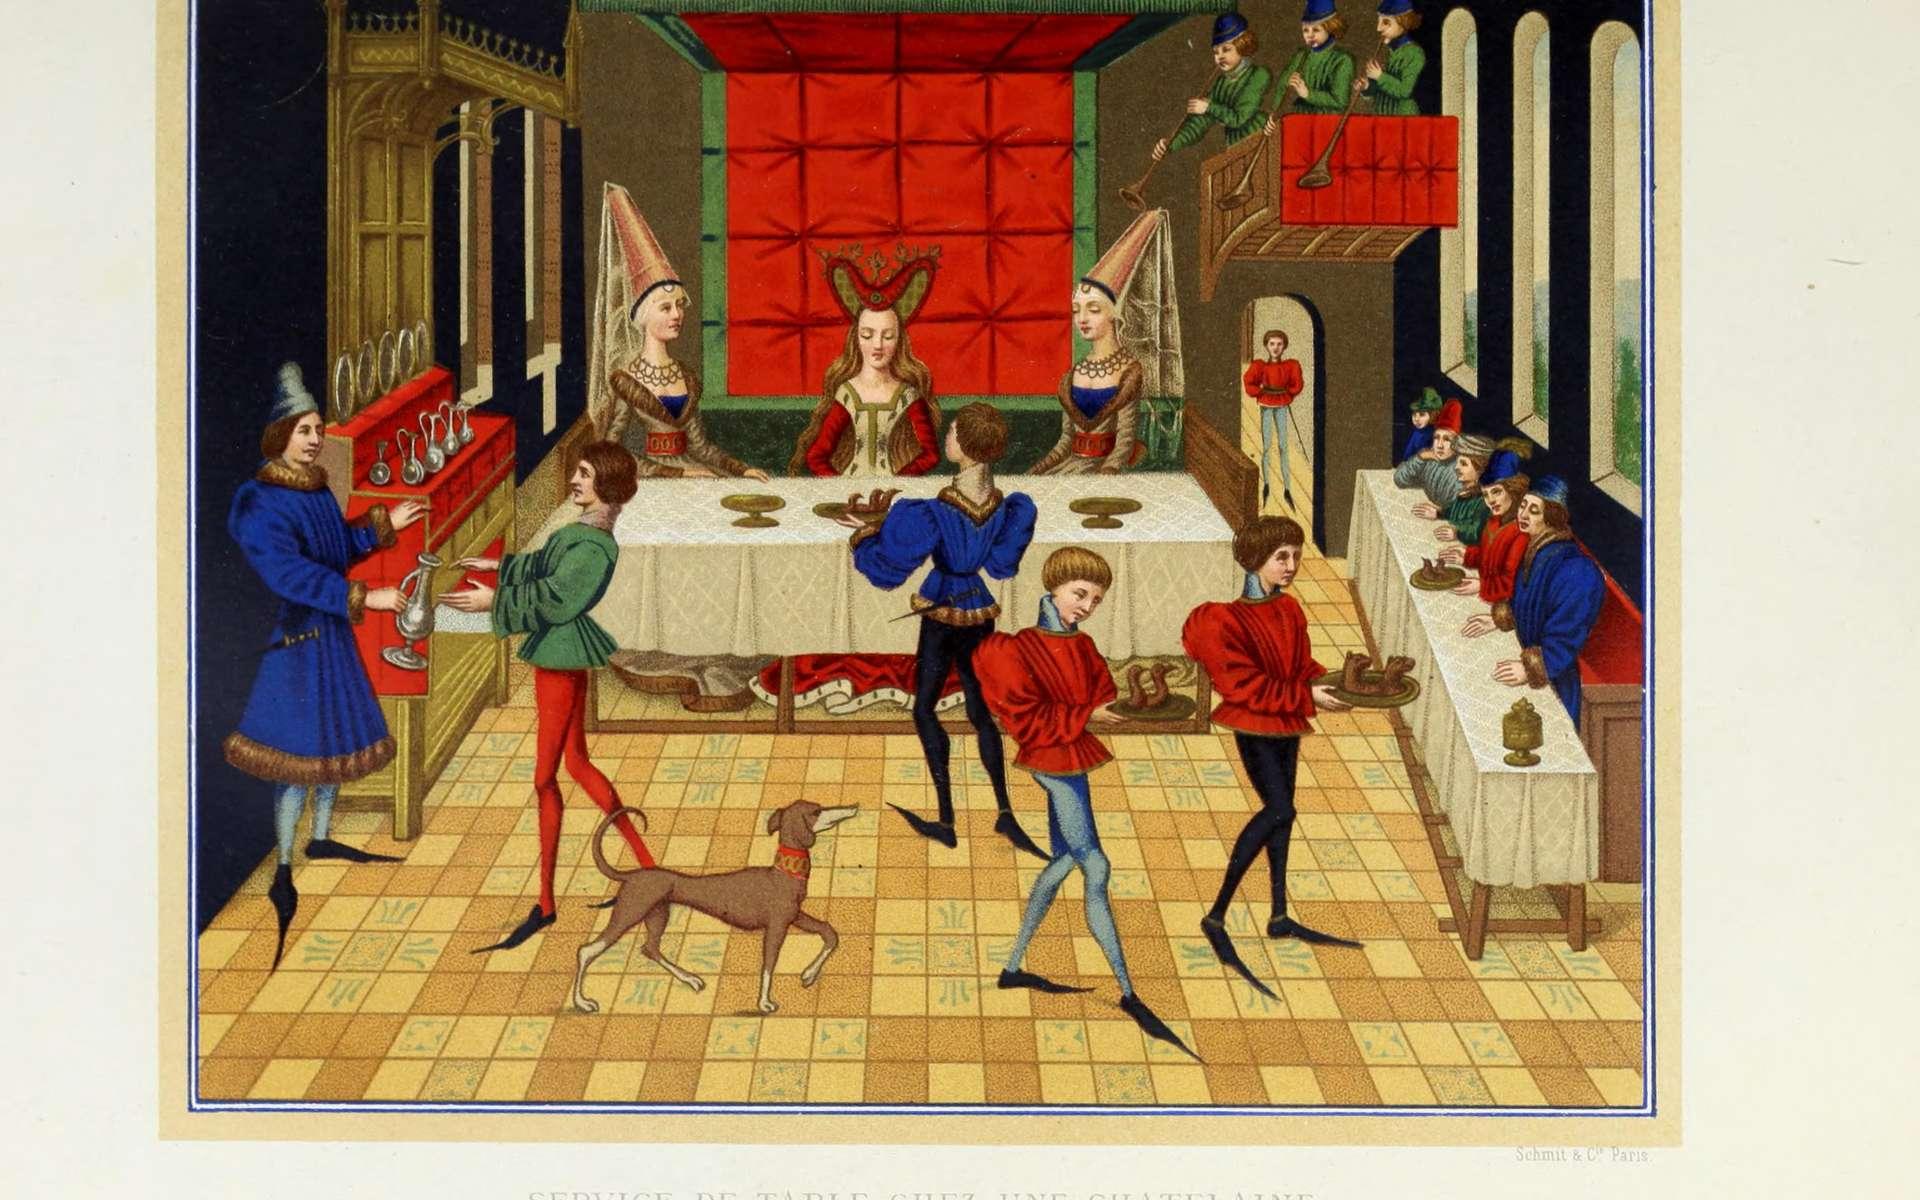 Illustrations de Mœurs, usages et costumes au Moyen Âge et à l'époque de la Renaissance, par Paul Lacroix (Jacob), 1871. © Wikimedia Commons, Flickr, domaine public